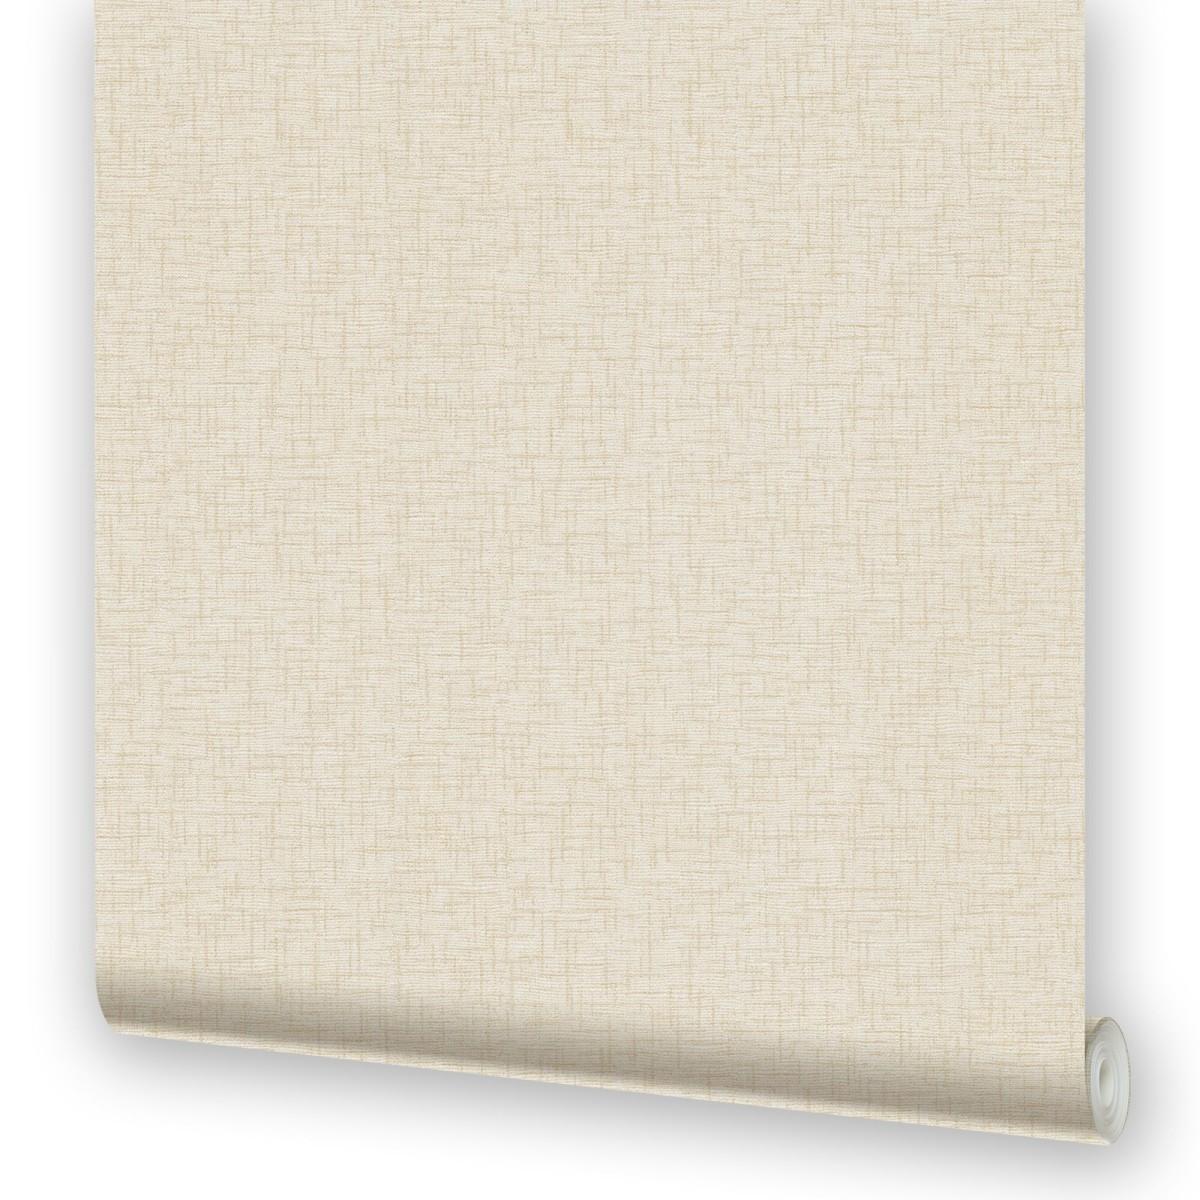 Обои бумажные 0.53х10.05 м фон бежевый МОФ 237812-4